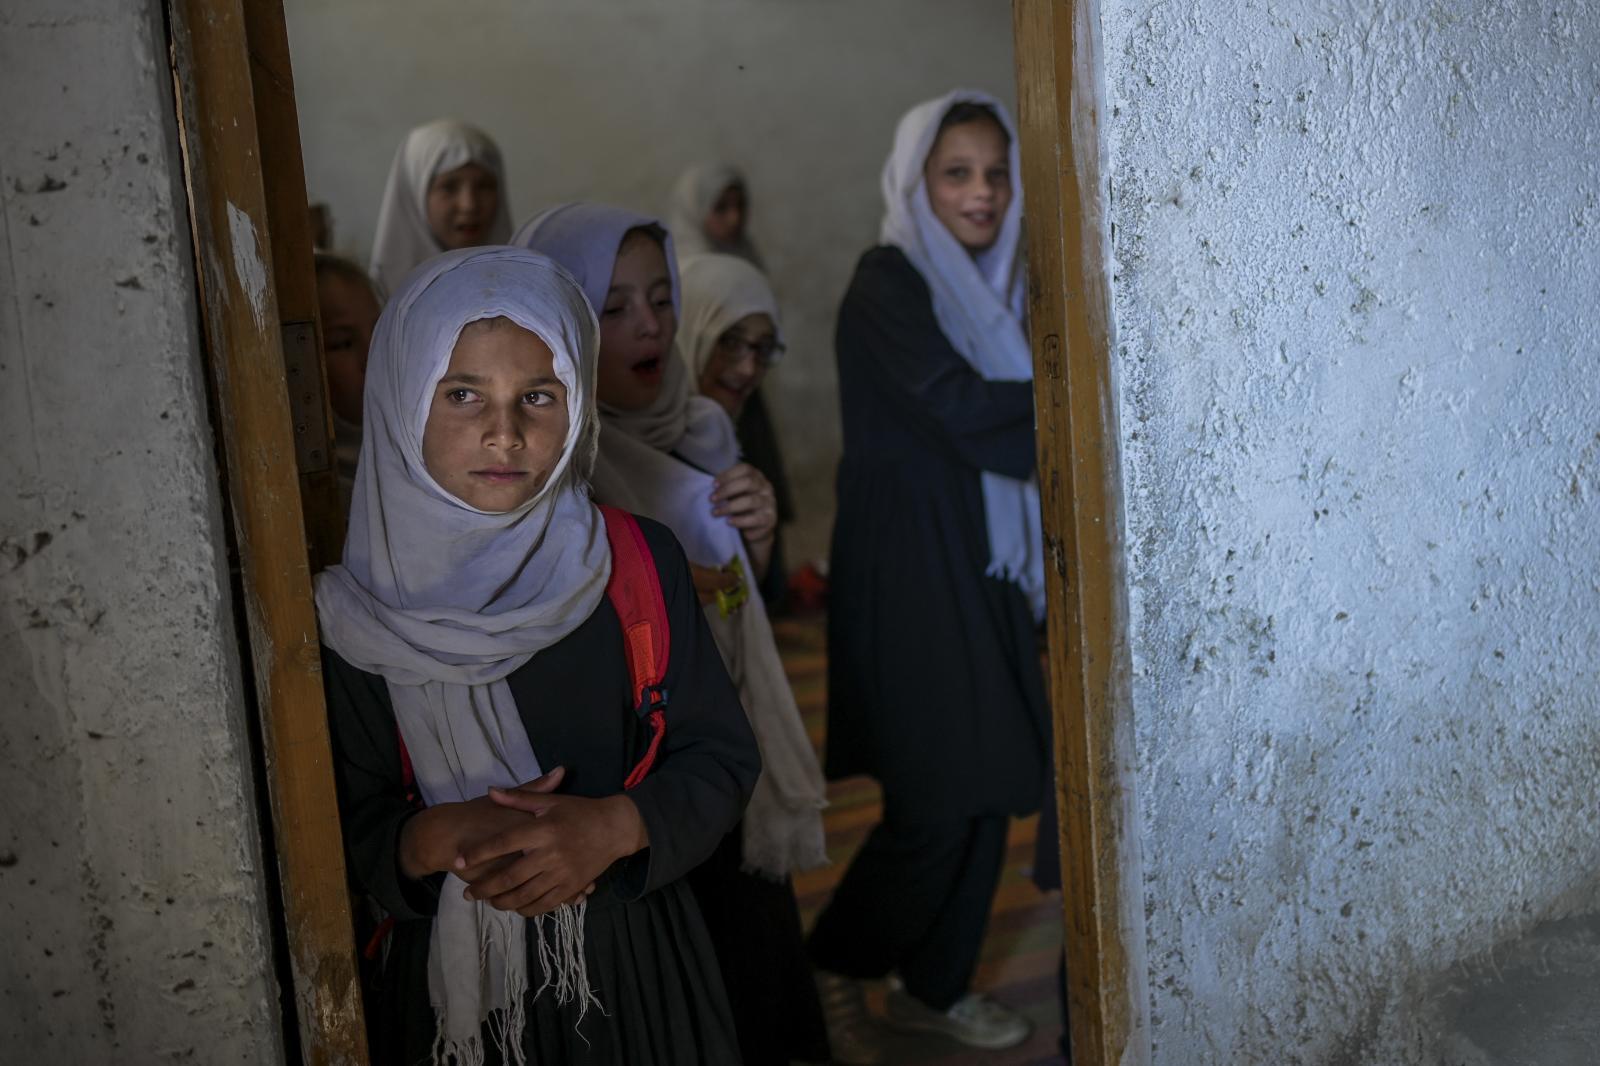 โรงเรียนในอัฟกานิสถานเปิดเรียนอีกครั้ง แต่ยังกีดกันนักเรียนหญิง